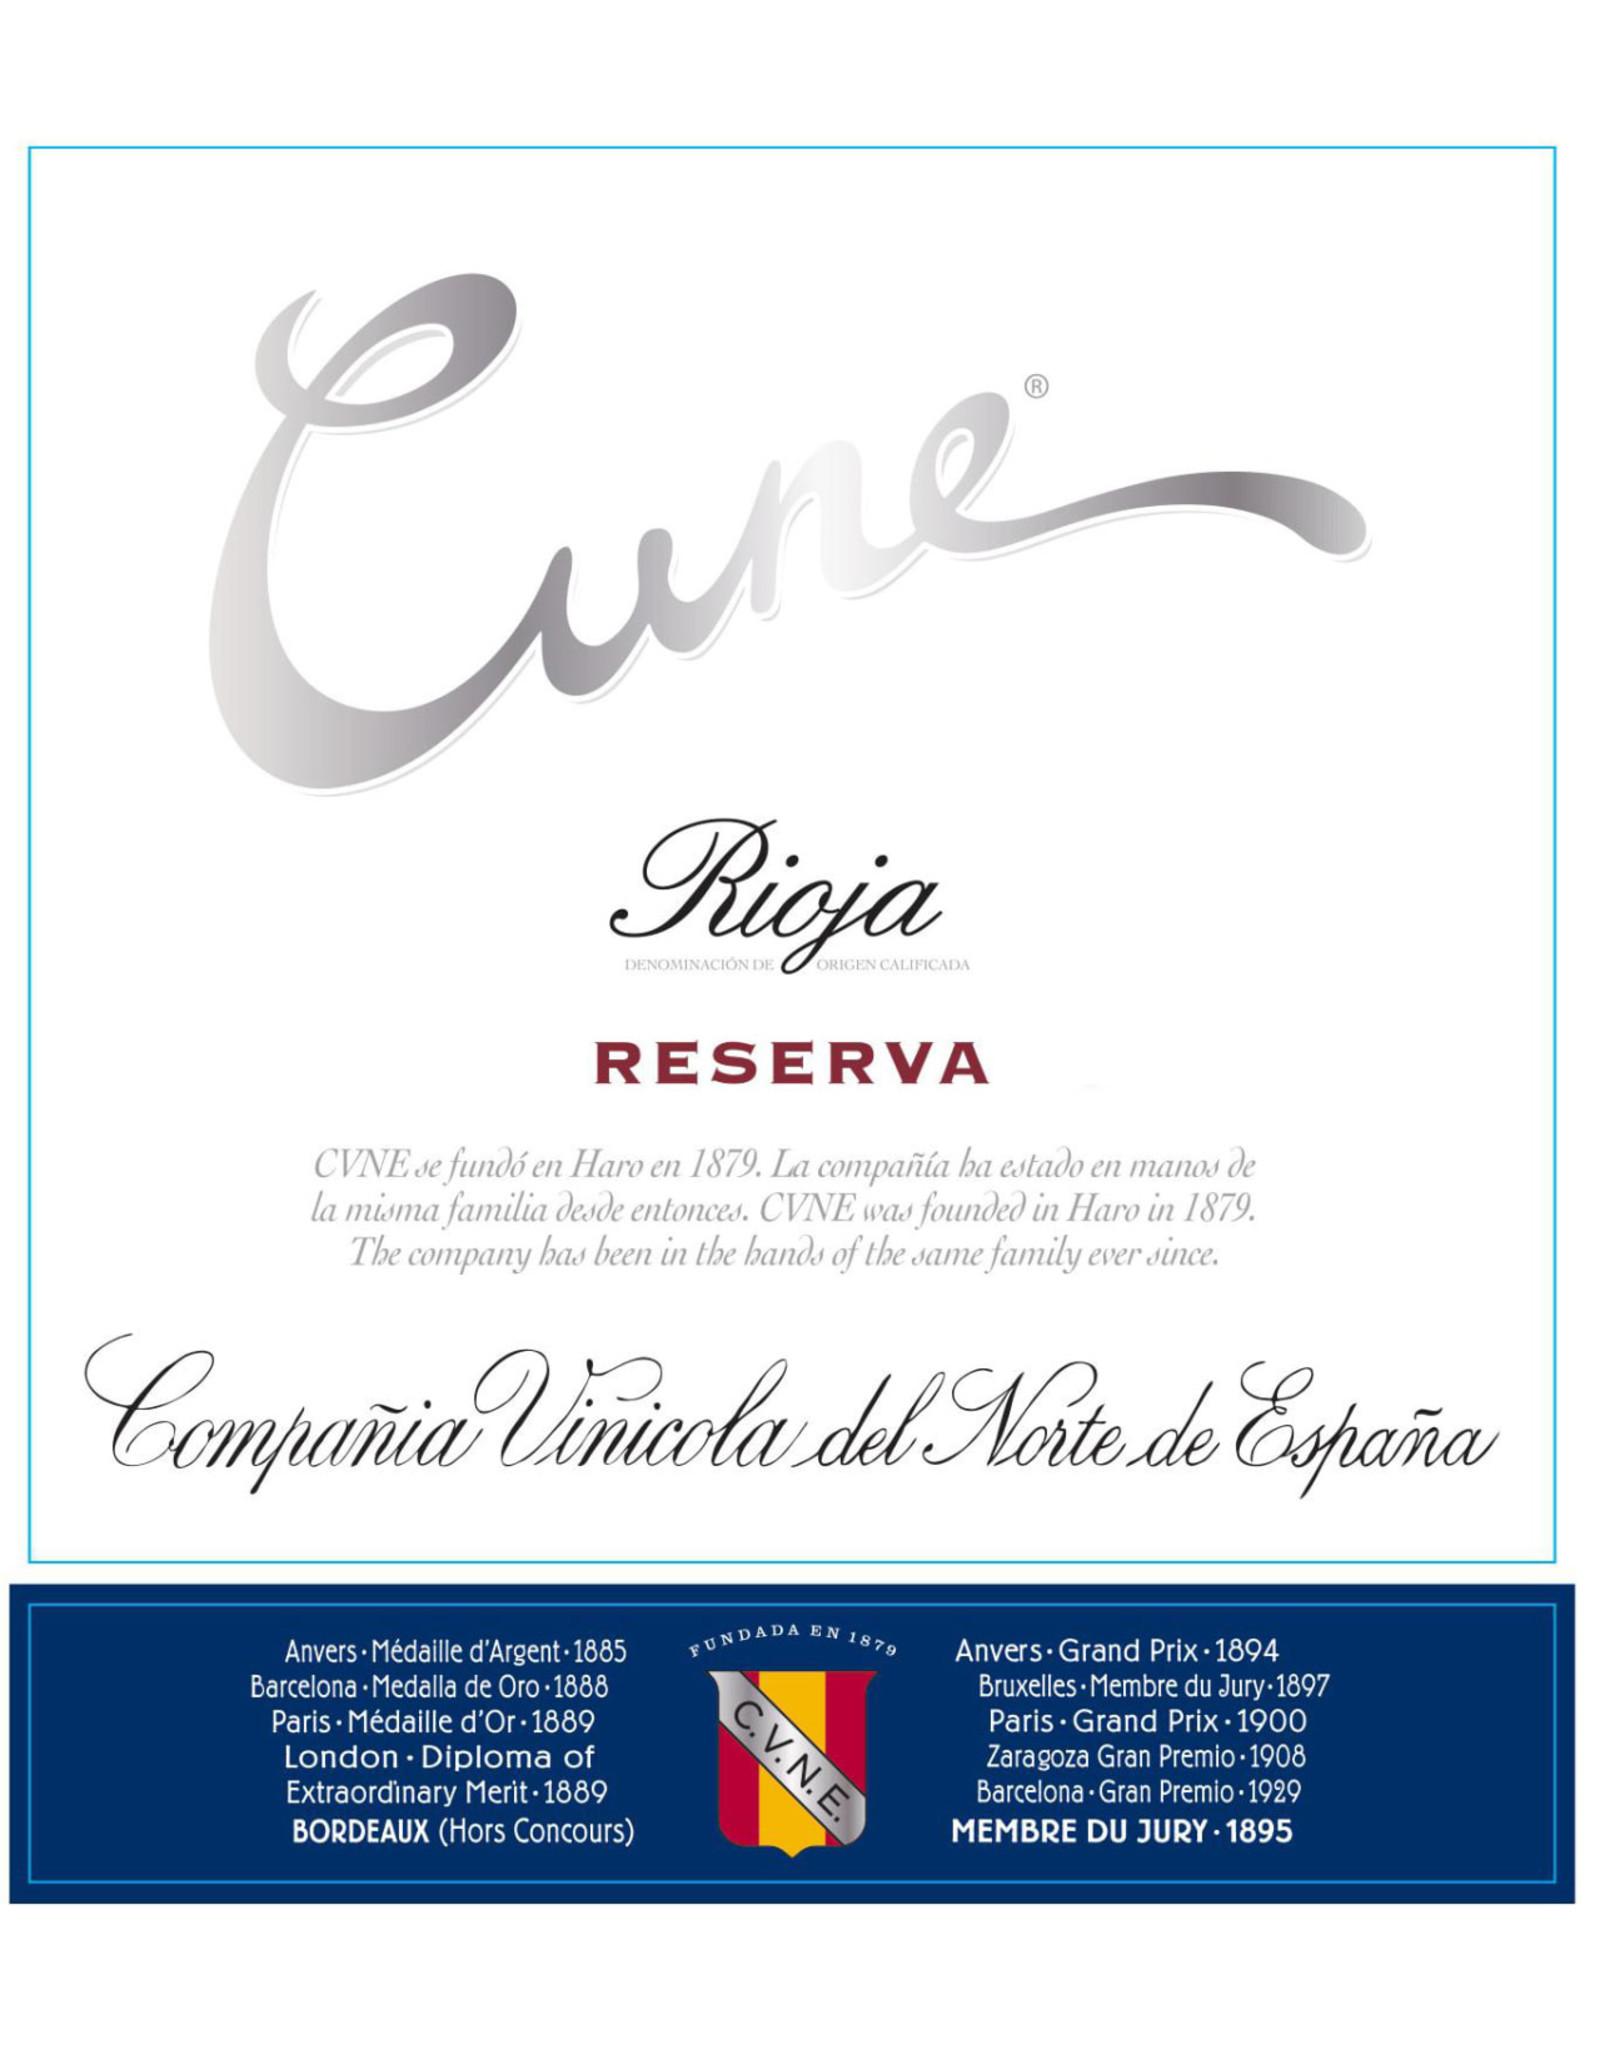 Cune Cune Rioja Reserva 2015